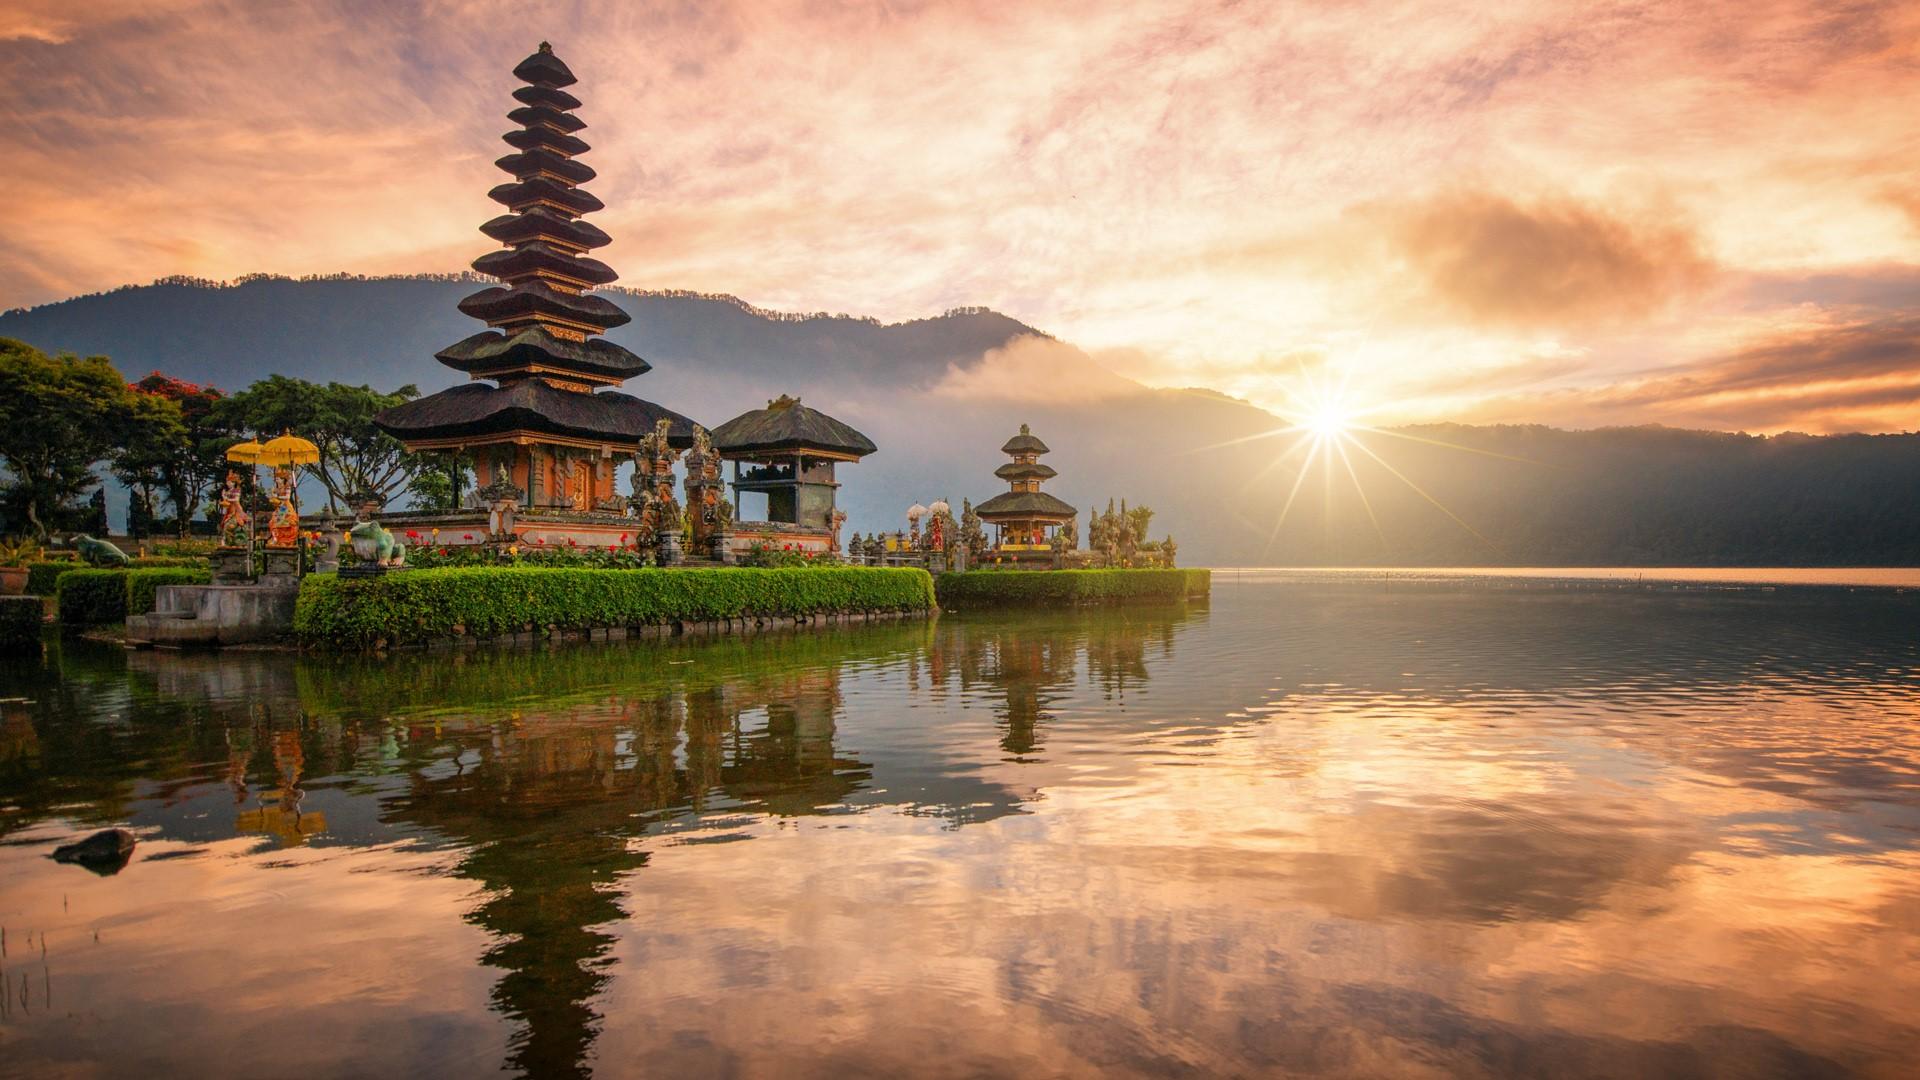 Imagen del Templo Pura Ulun Danu en el Lago Bratan, Bali